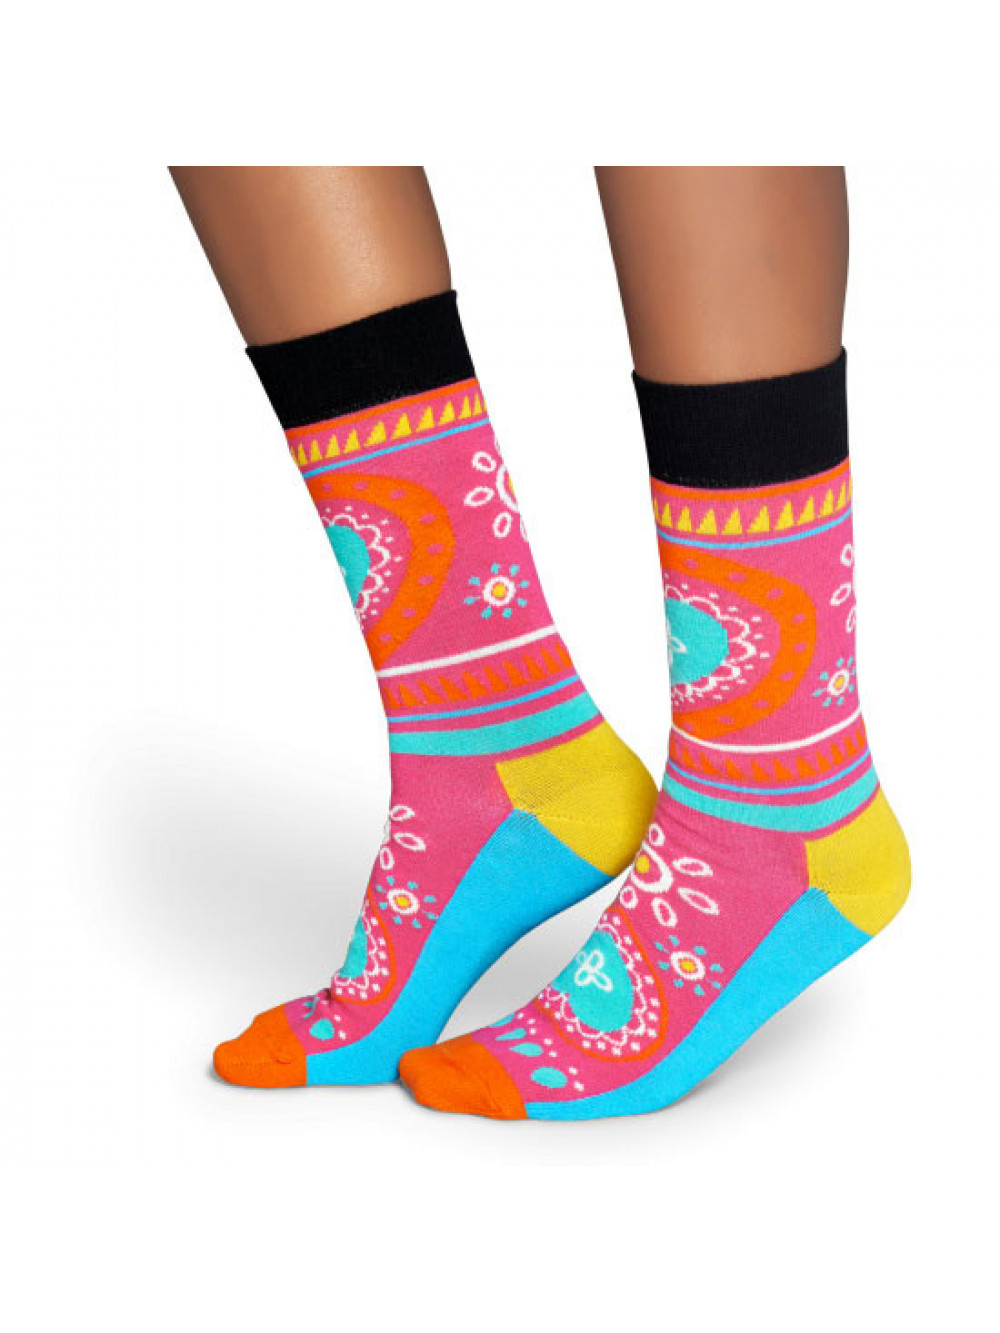 630d8f743 Ponožky Happy Socks Hippie ružové ľudové vzory srdce farebné ...